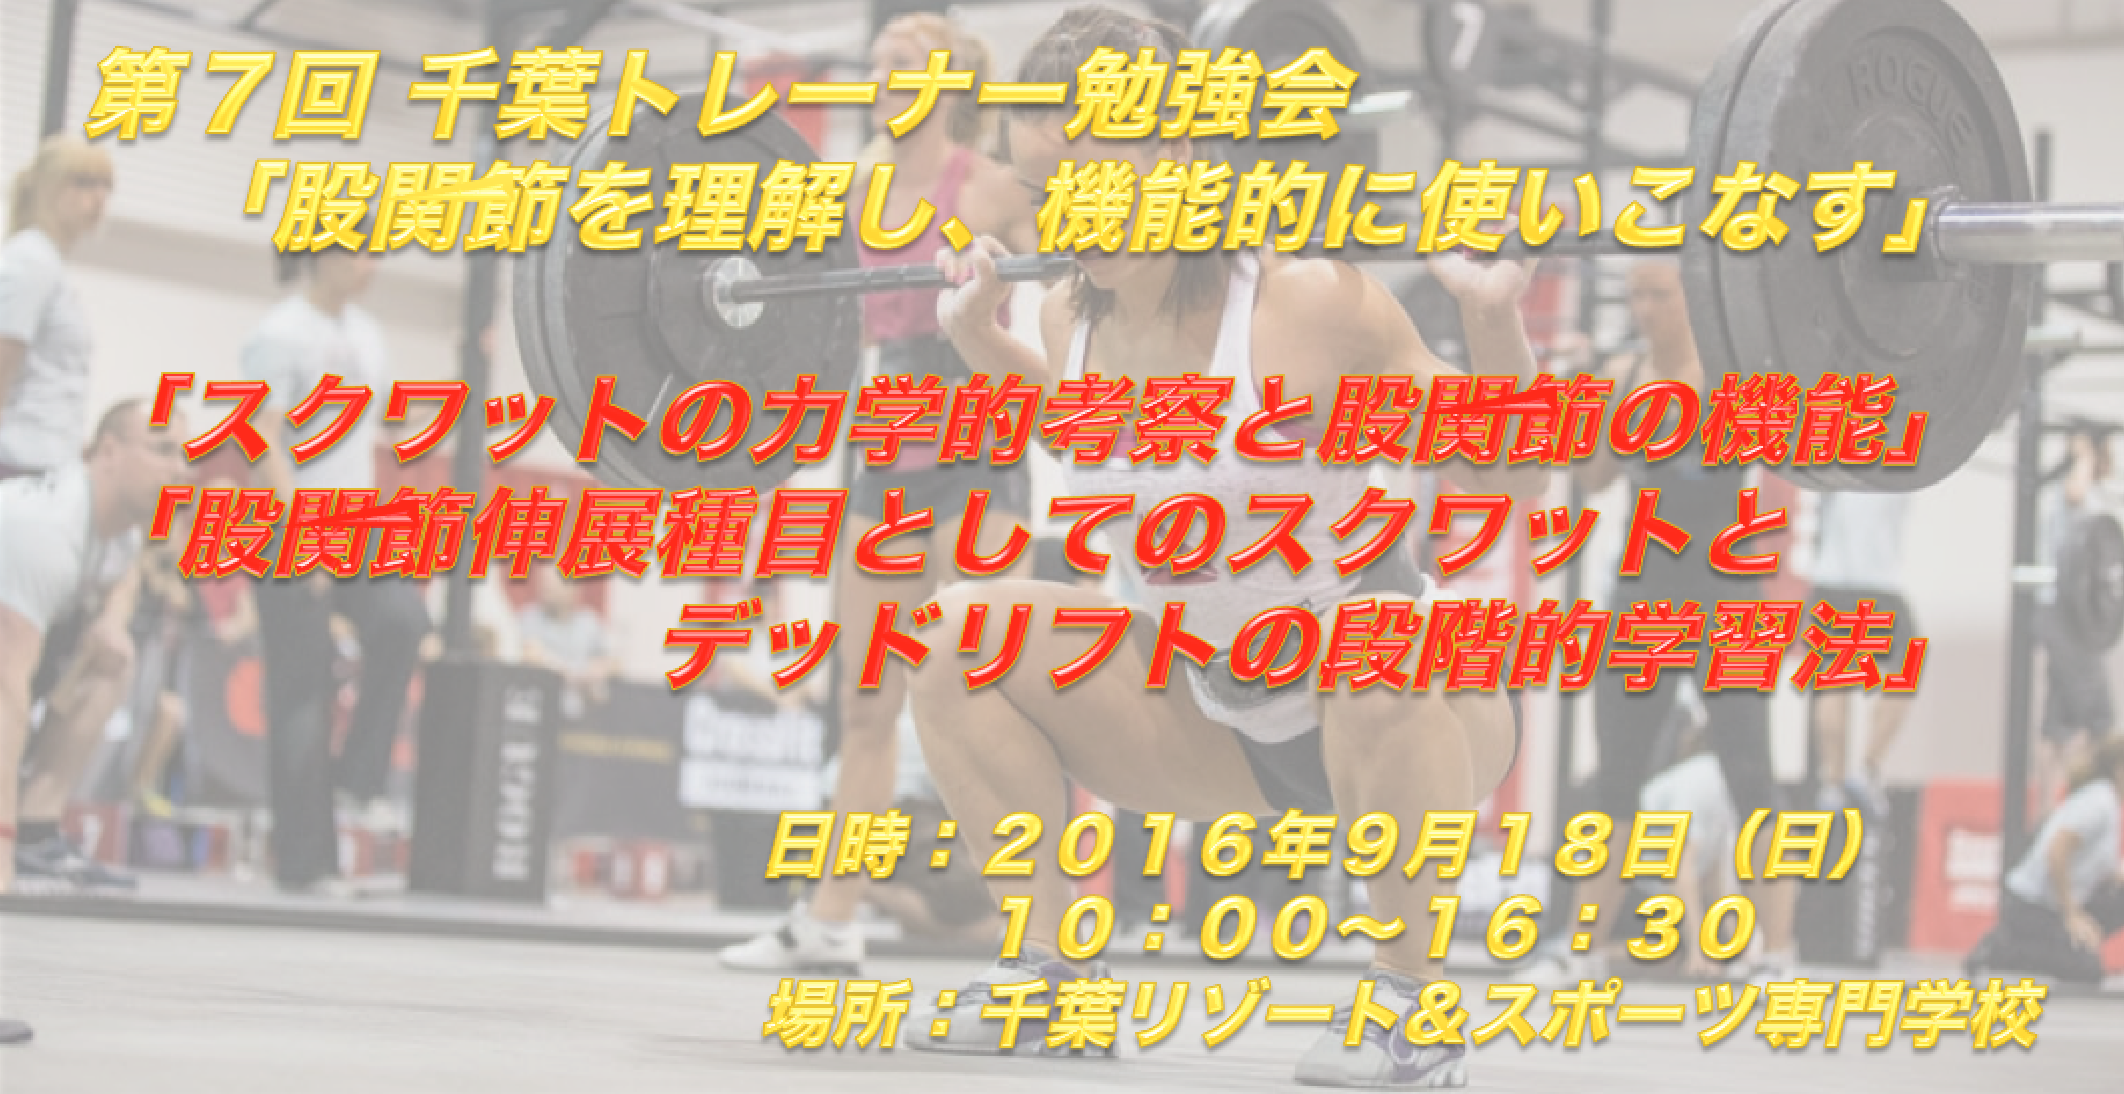 第7回千葉トレーナー勉強会